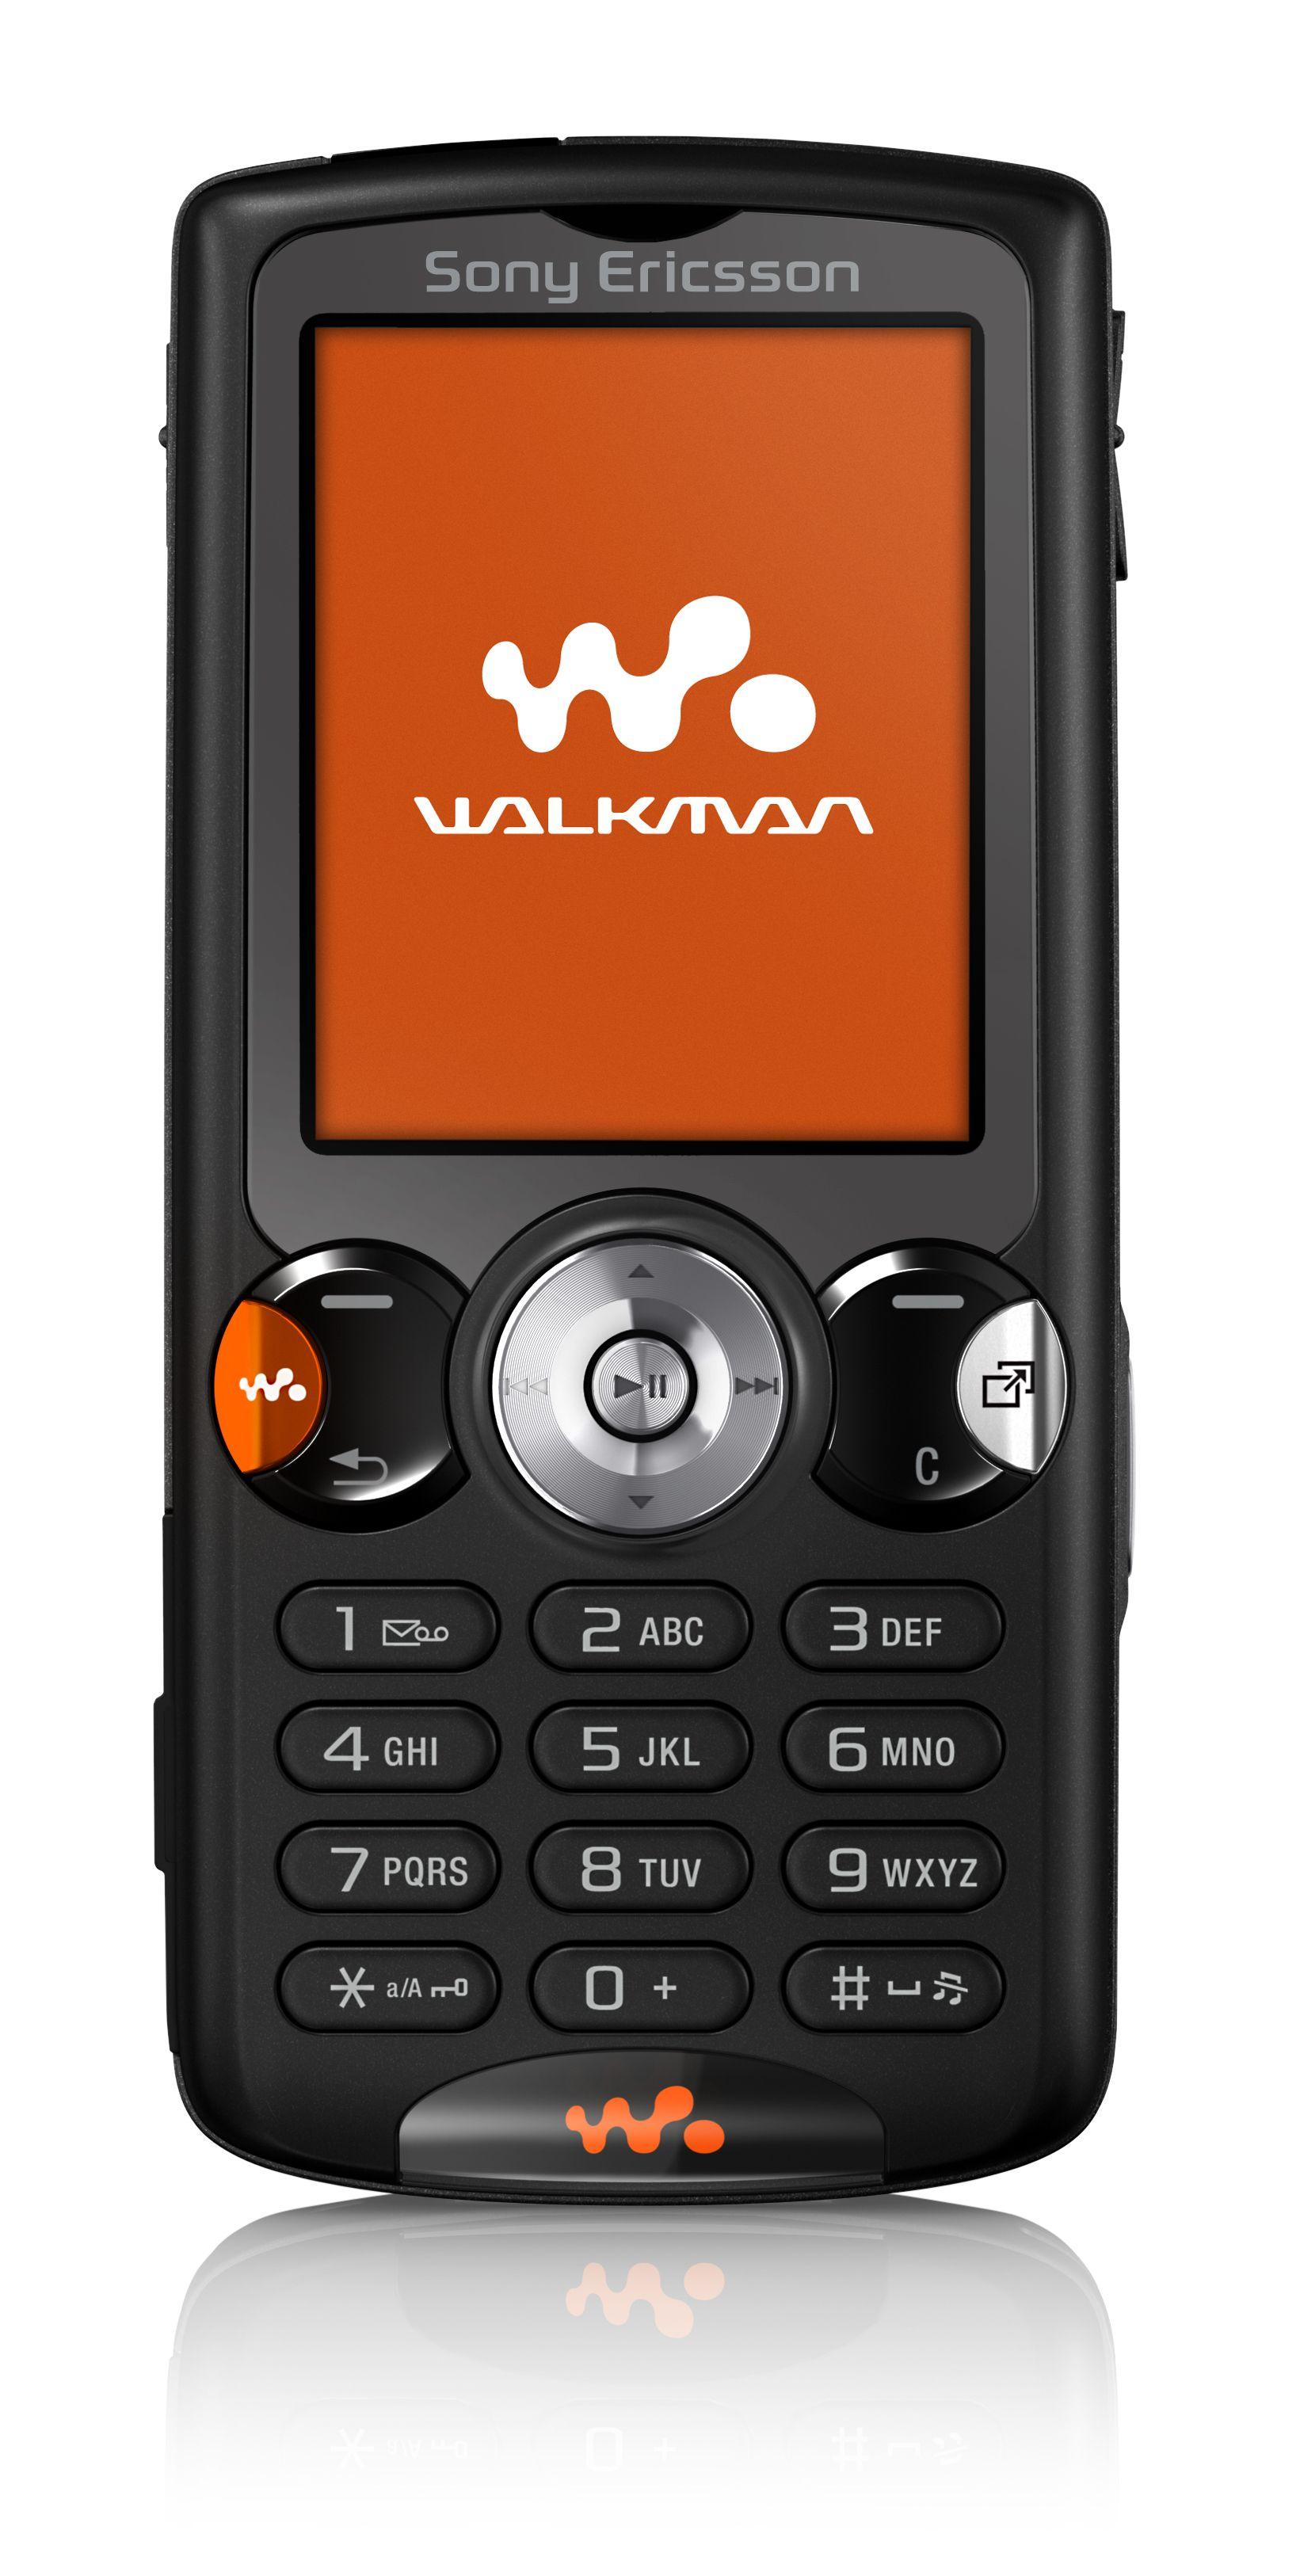 Sony Ericsson W810i 24Warez.Ru Review 58